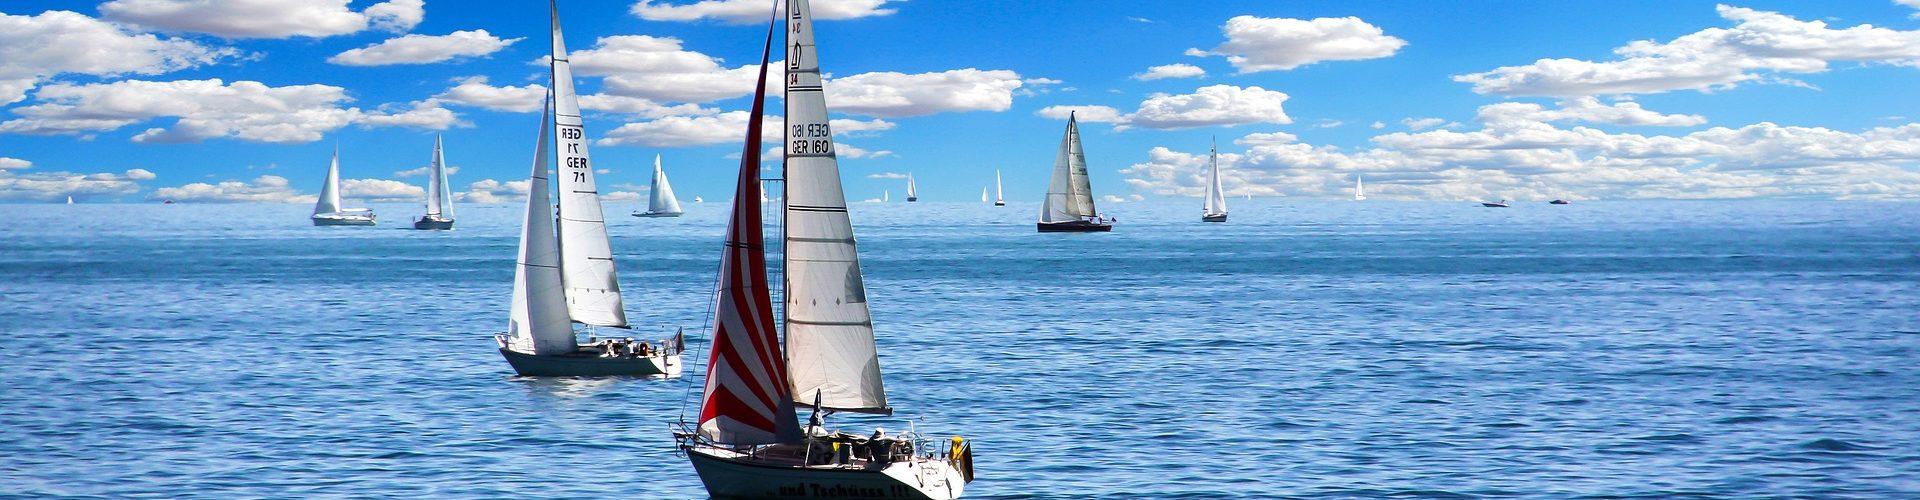 segeln lernen in Erkelenz segelschein machen in Erkelenz 1920x500 - Segeln lernen in Erkelenz